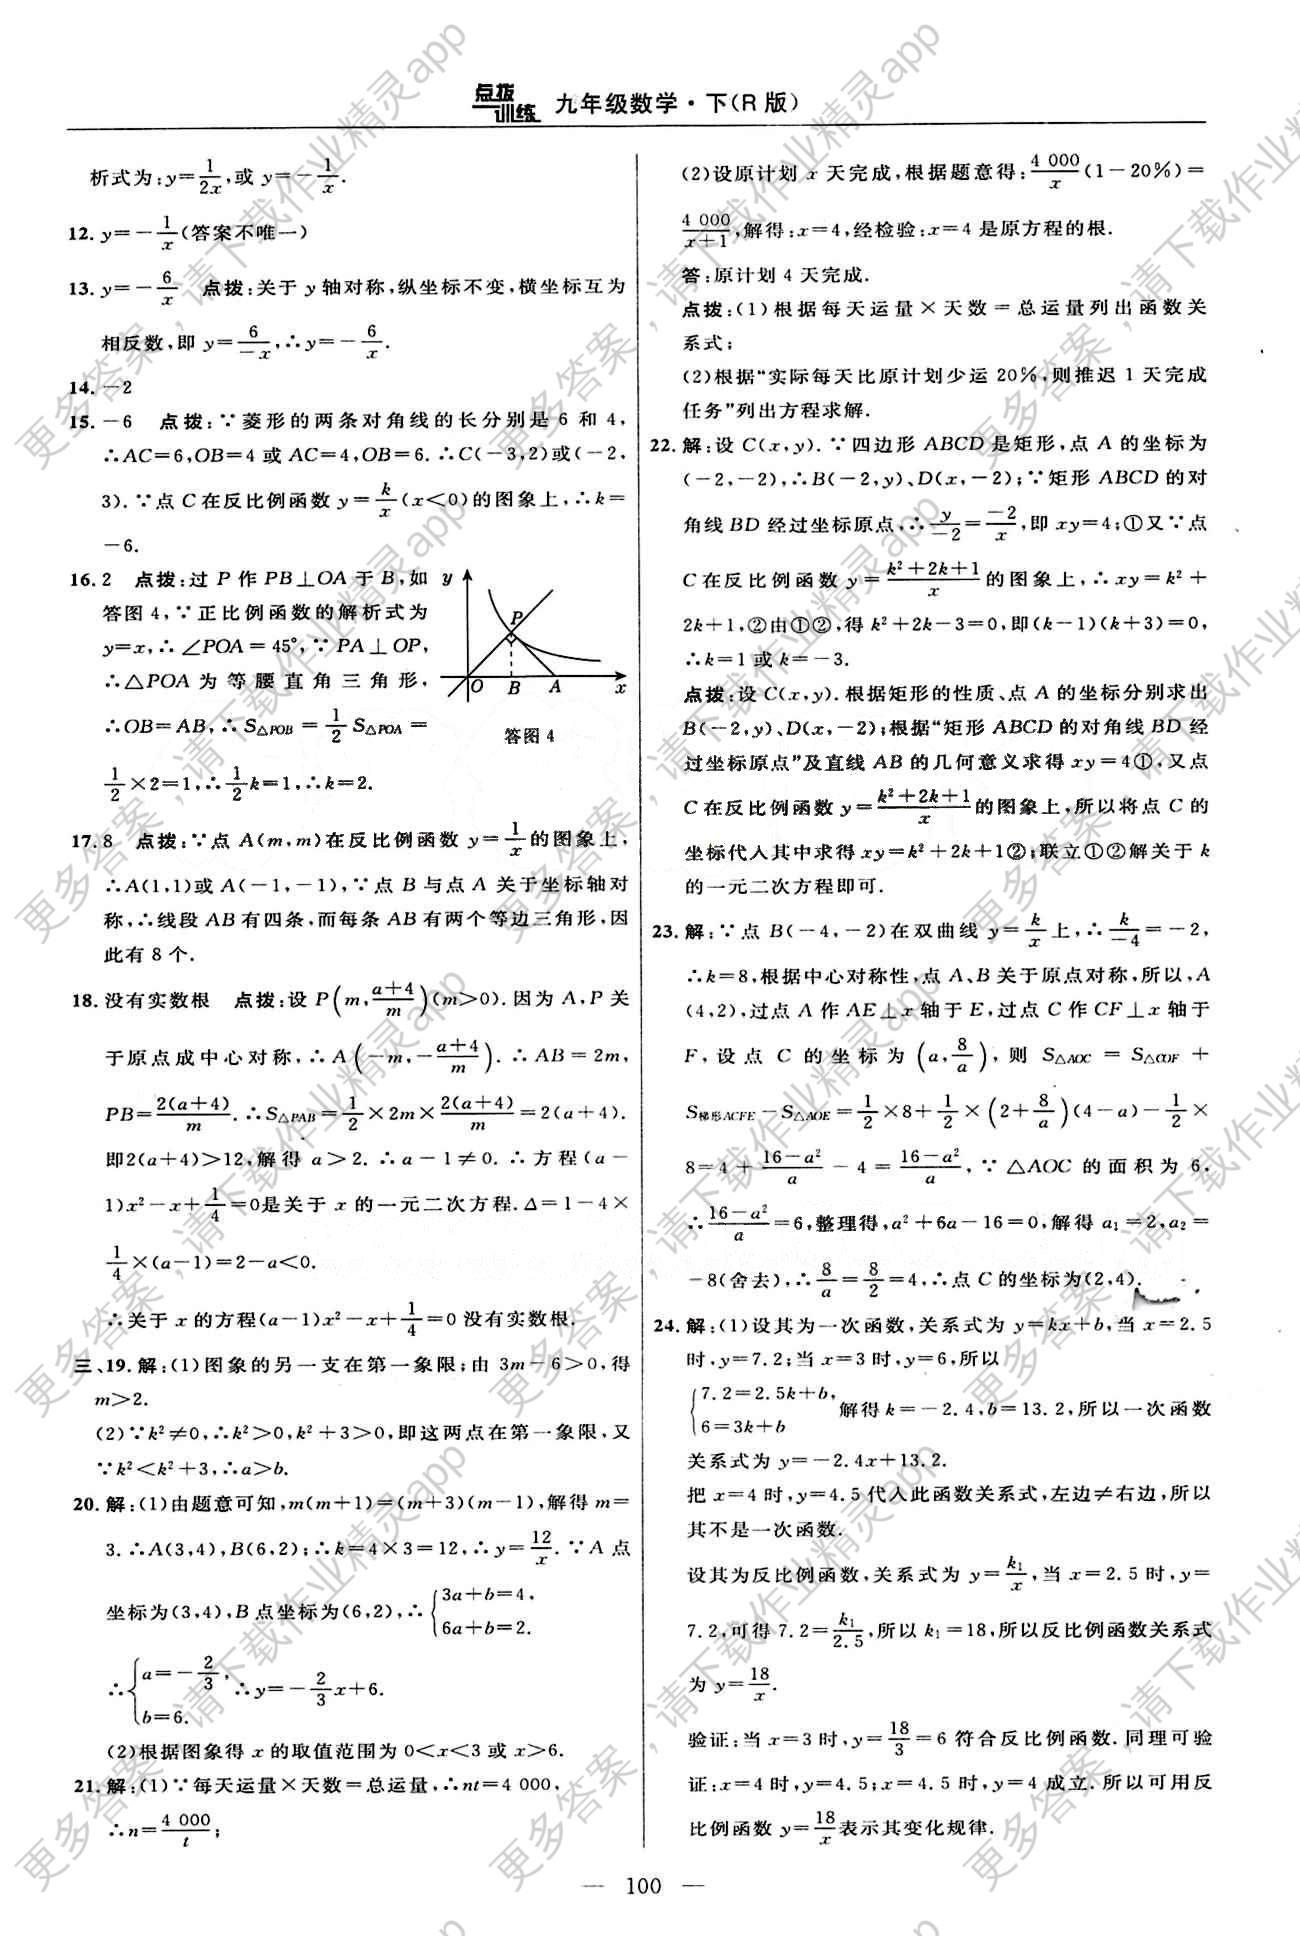 2015荣德基数学点拨v数学九初中下年级吉林教初中日本地理图片